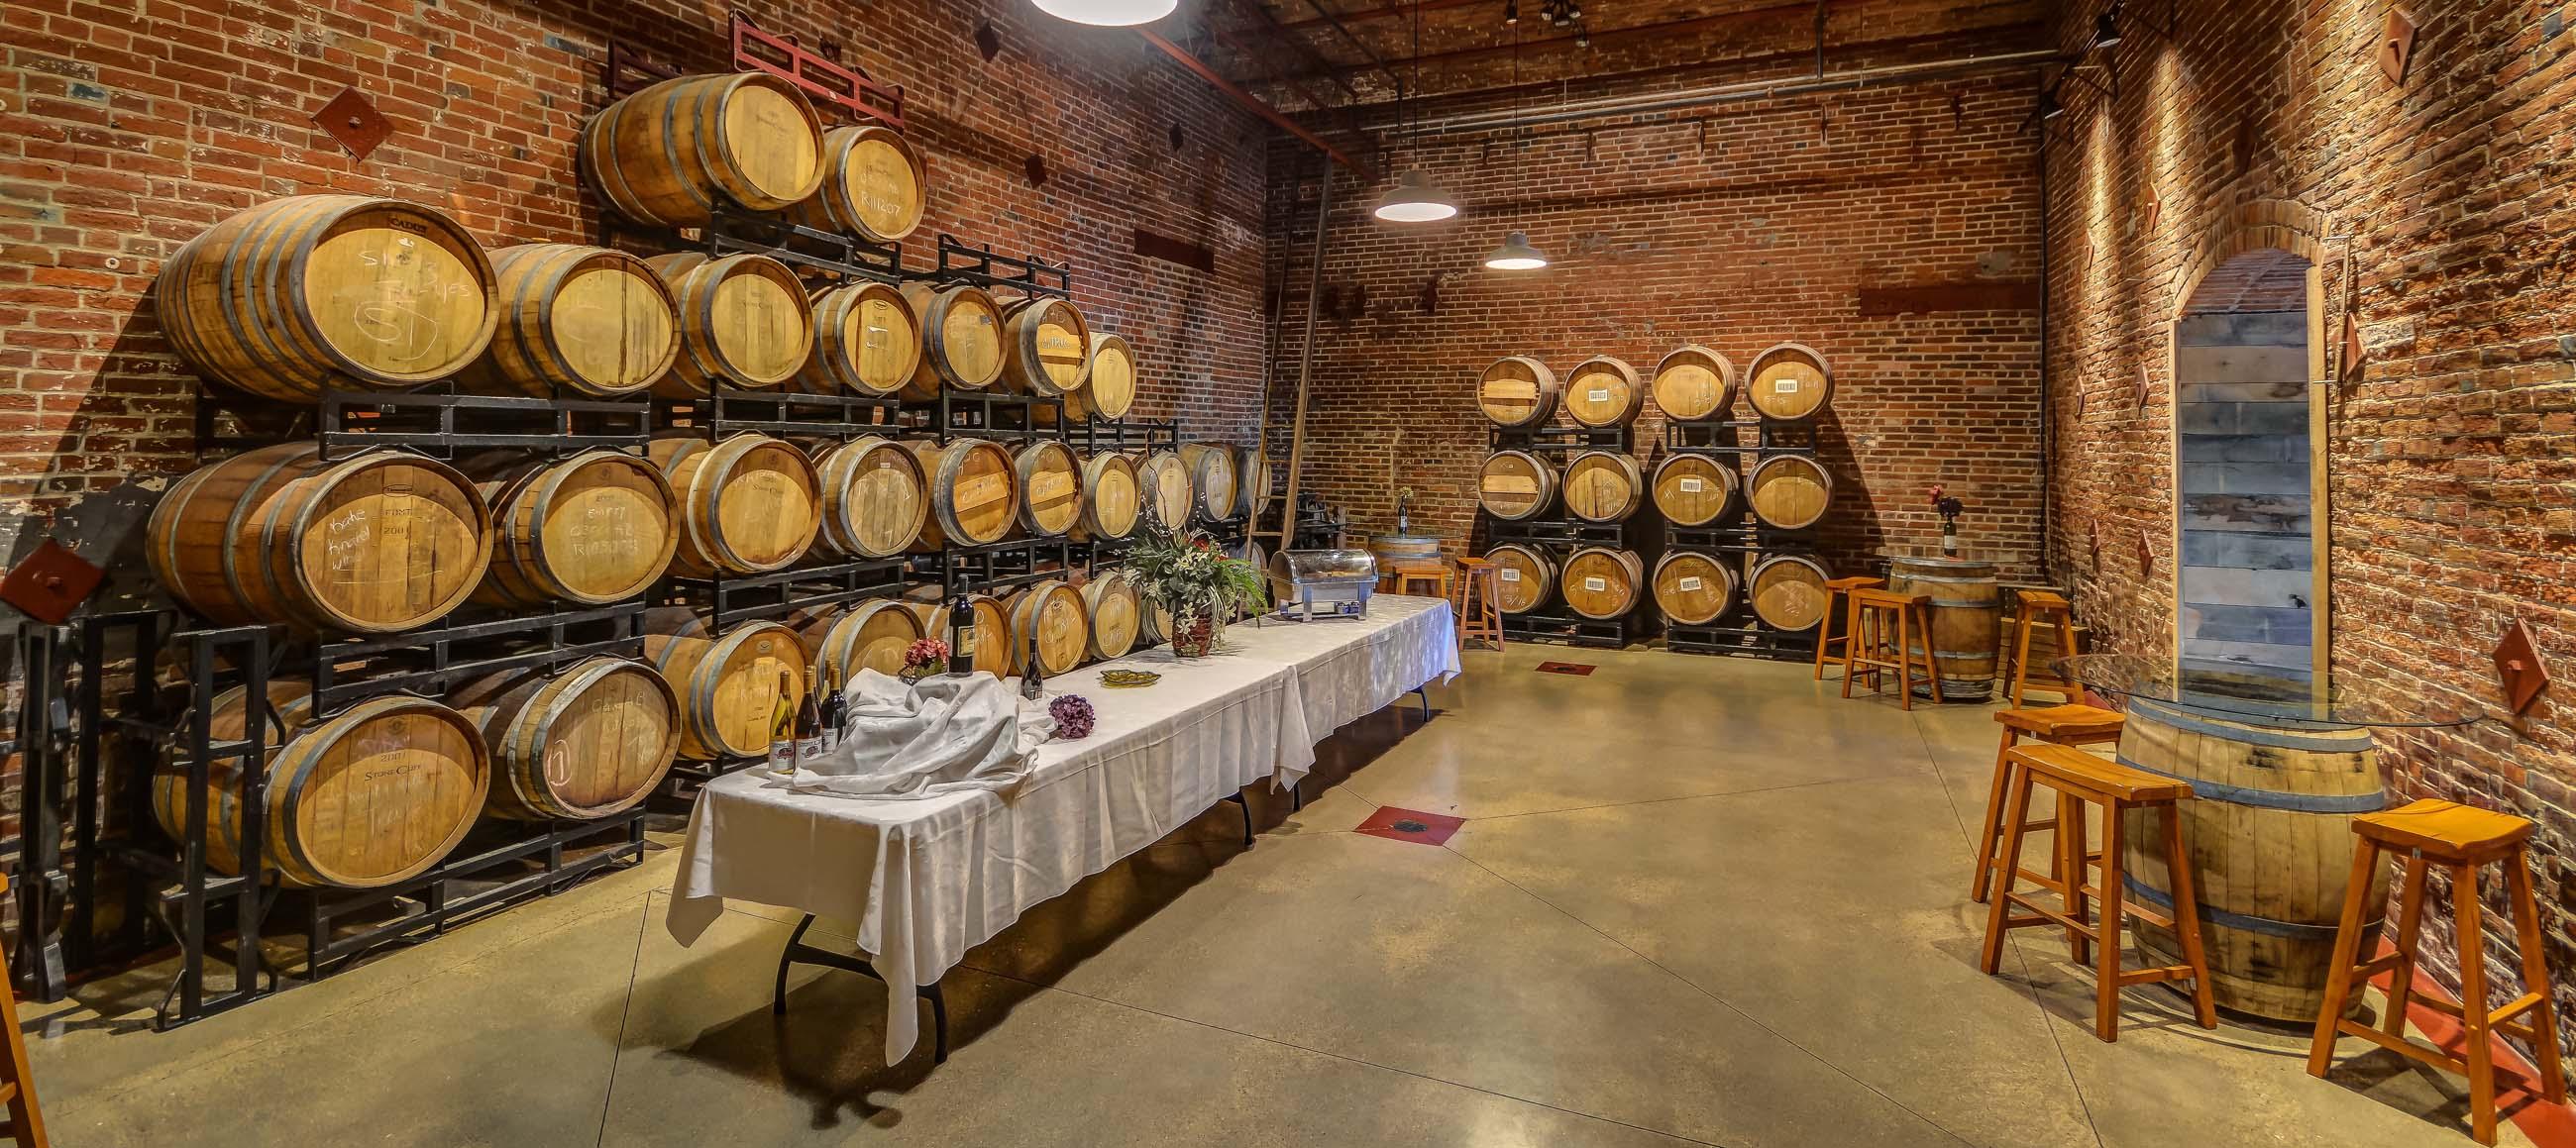 stone cliff winery home10 jpg fit u003d2600 1159 u0026ssl u003d1